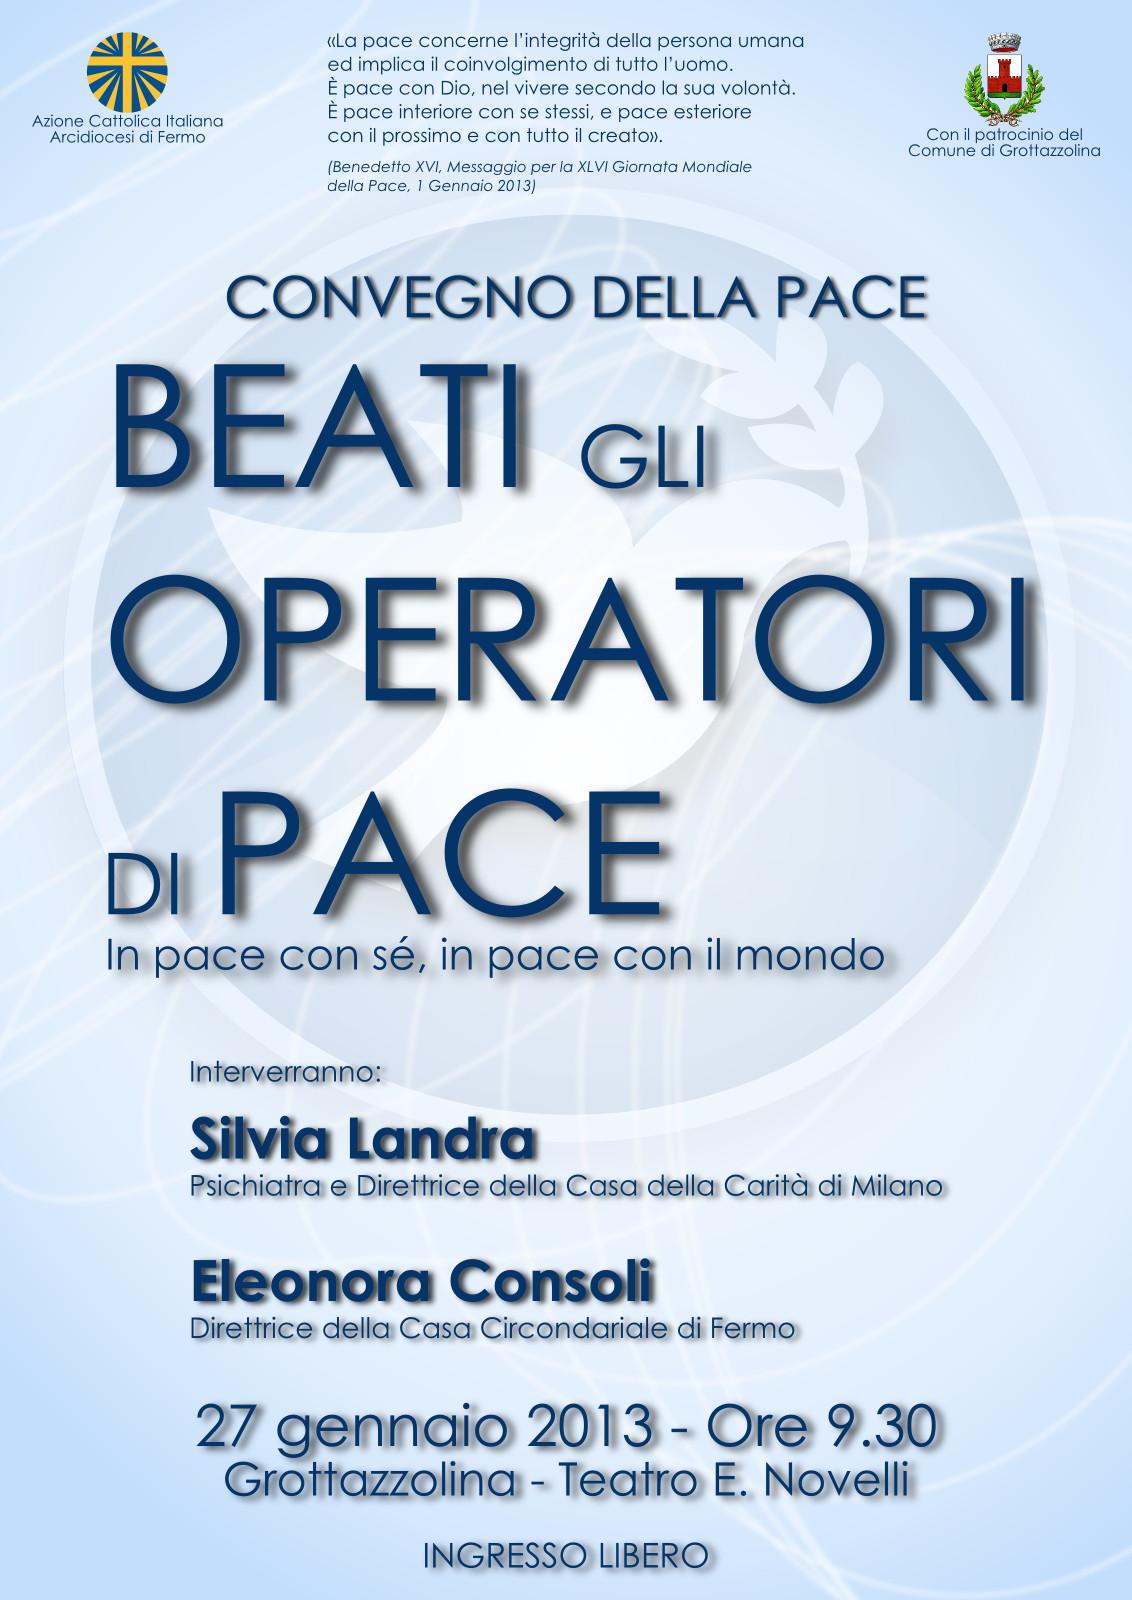 beati gli operatori di pace